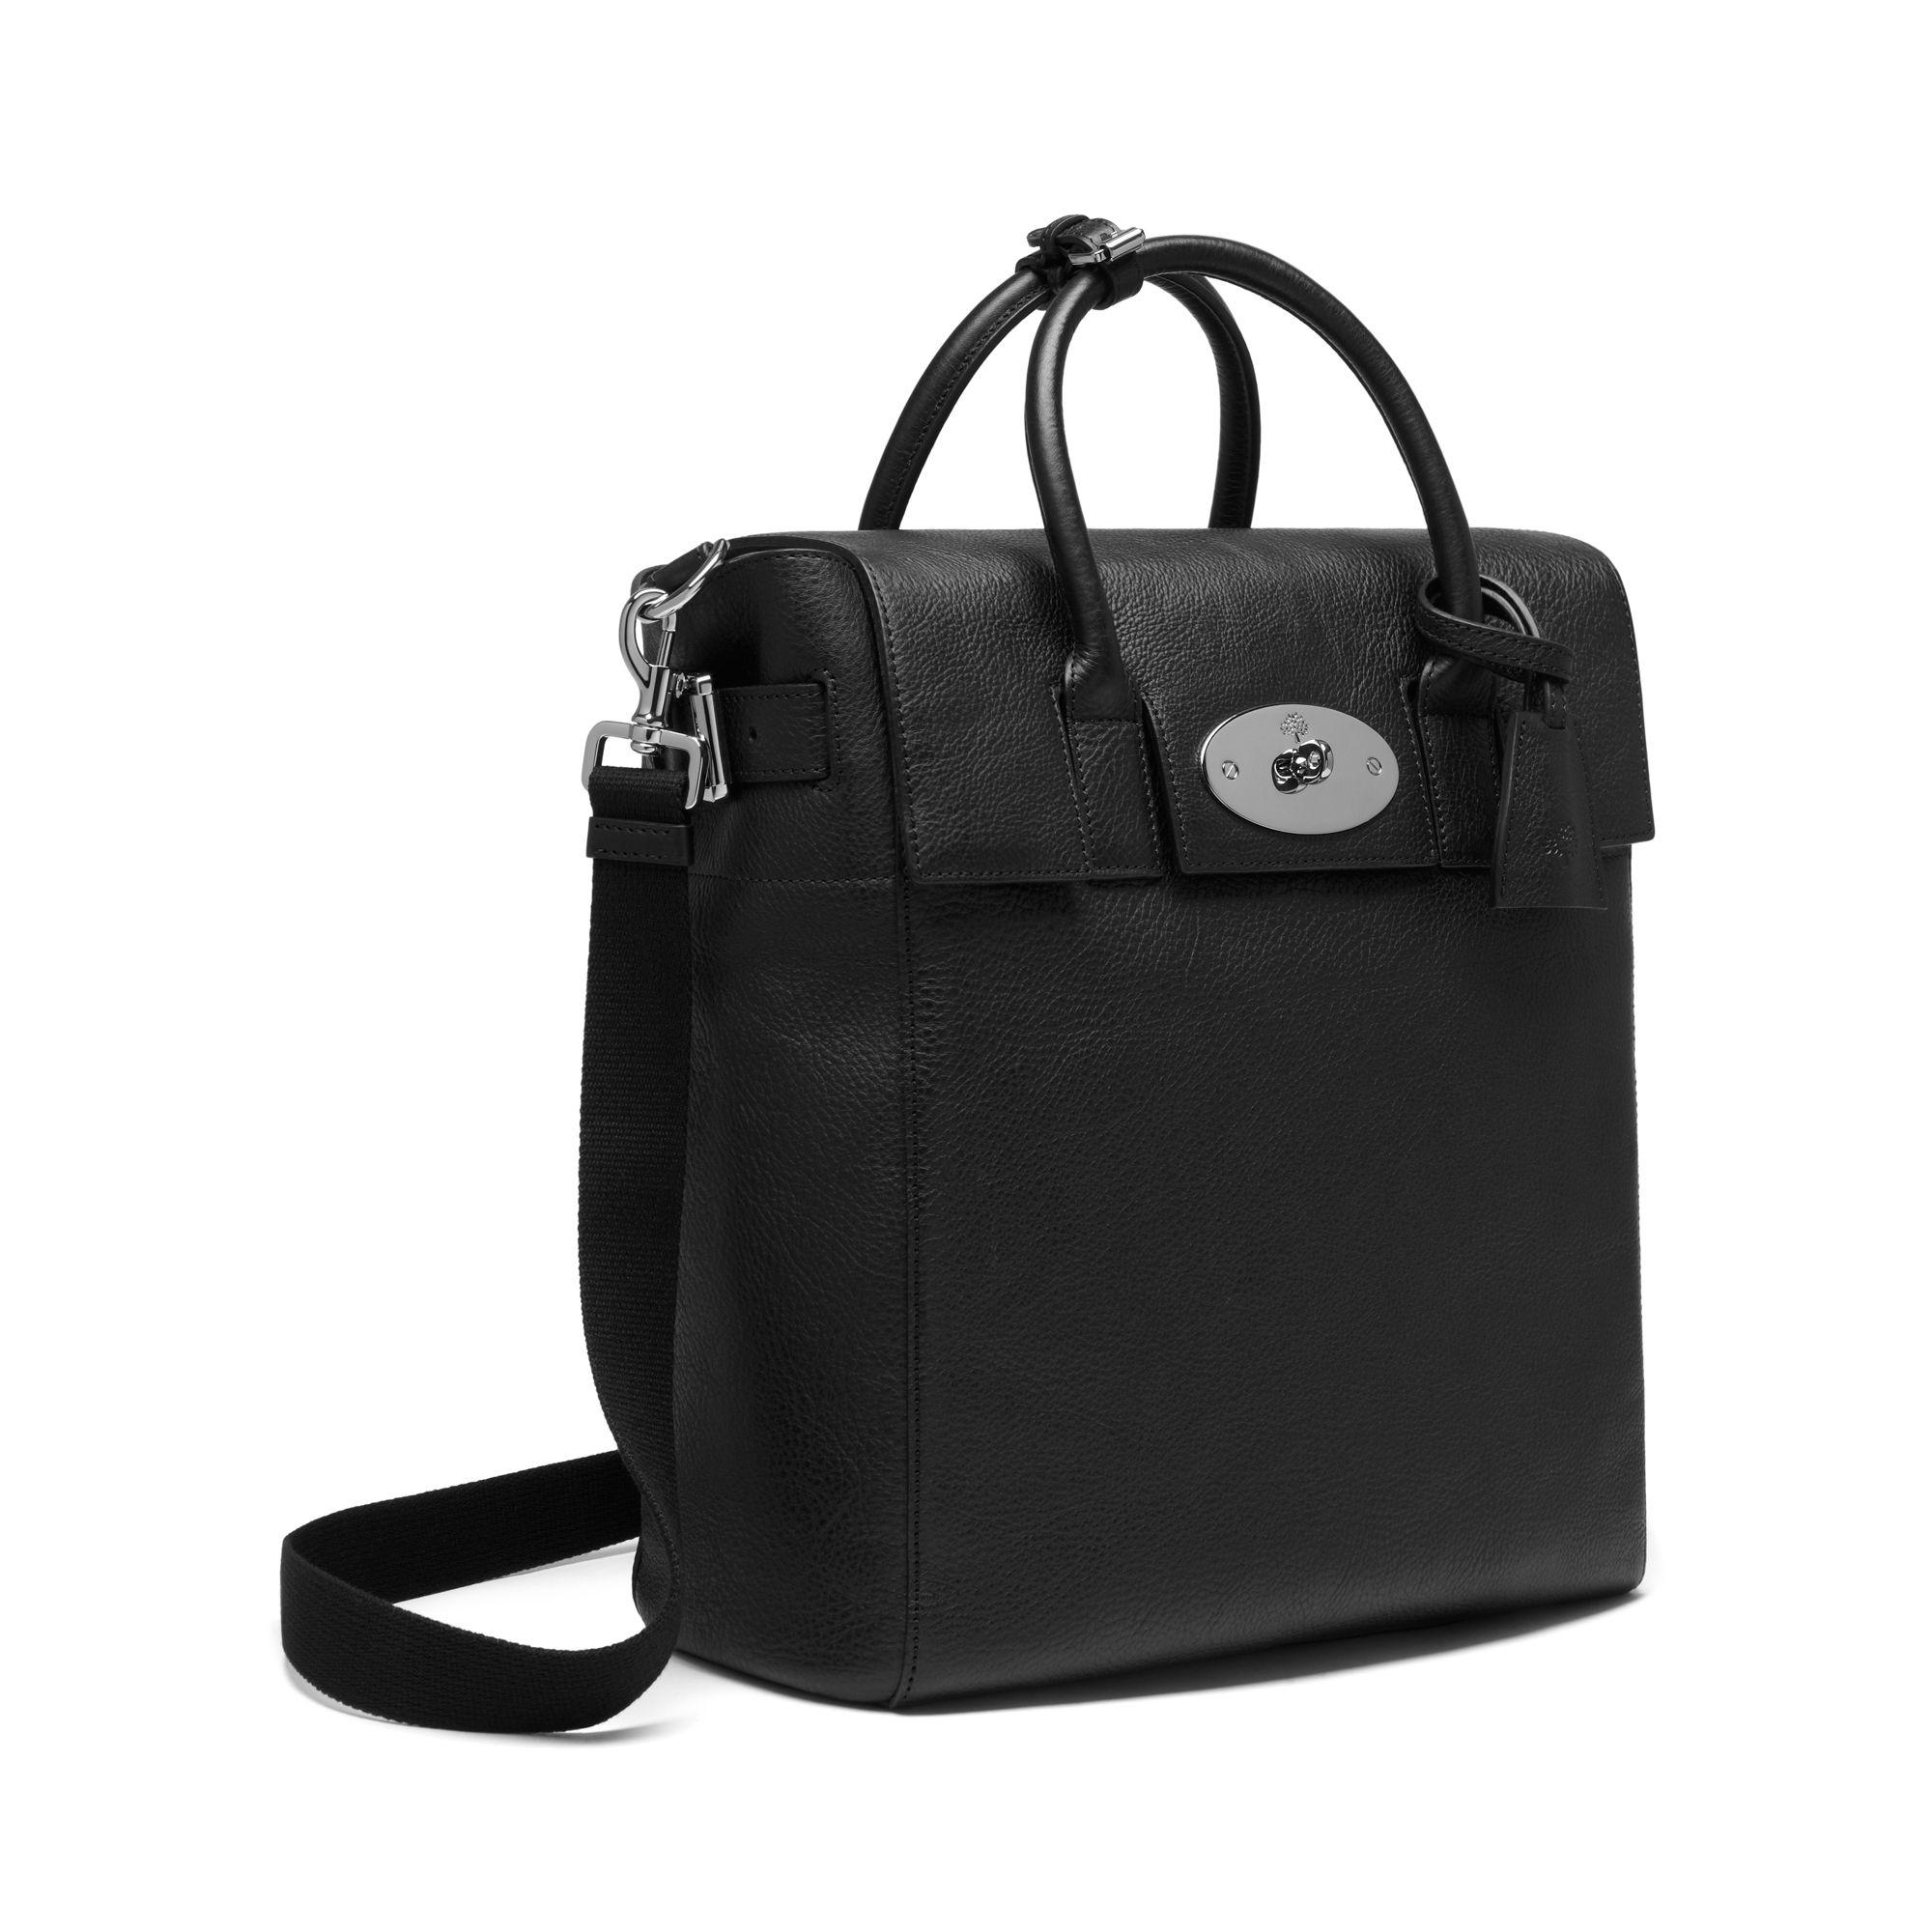 a180db24af Lyst - Mulberry Large Cara Delevingne Bag in Black